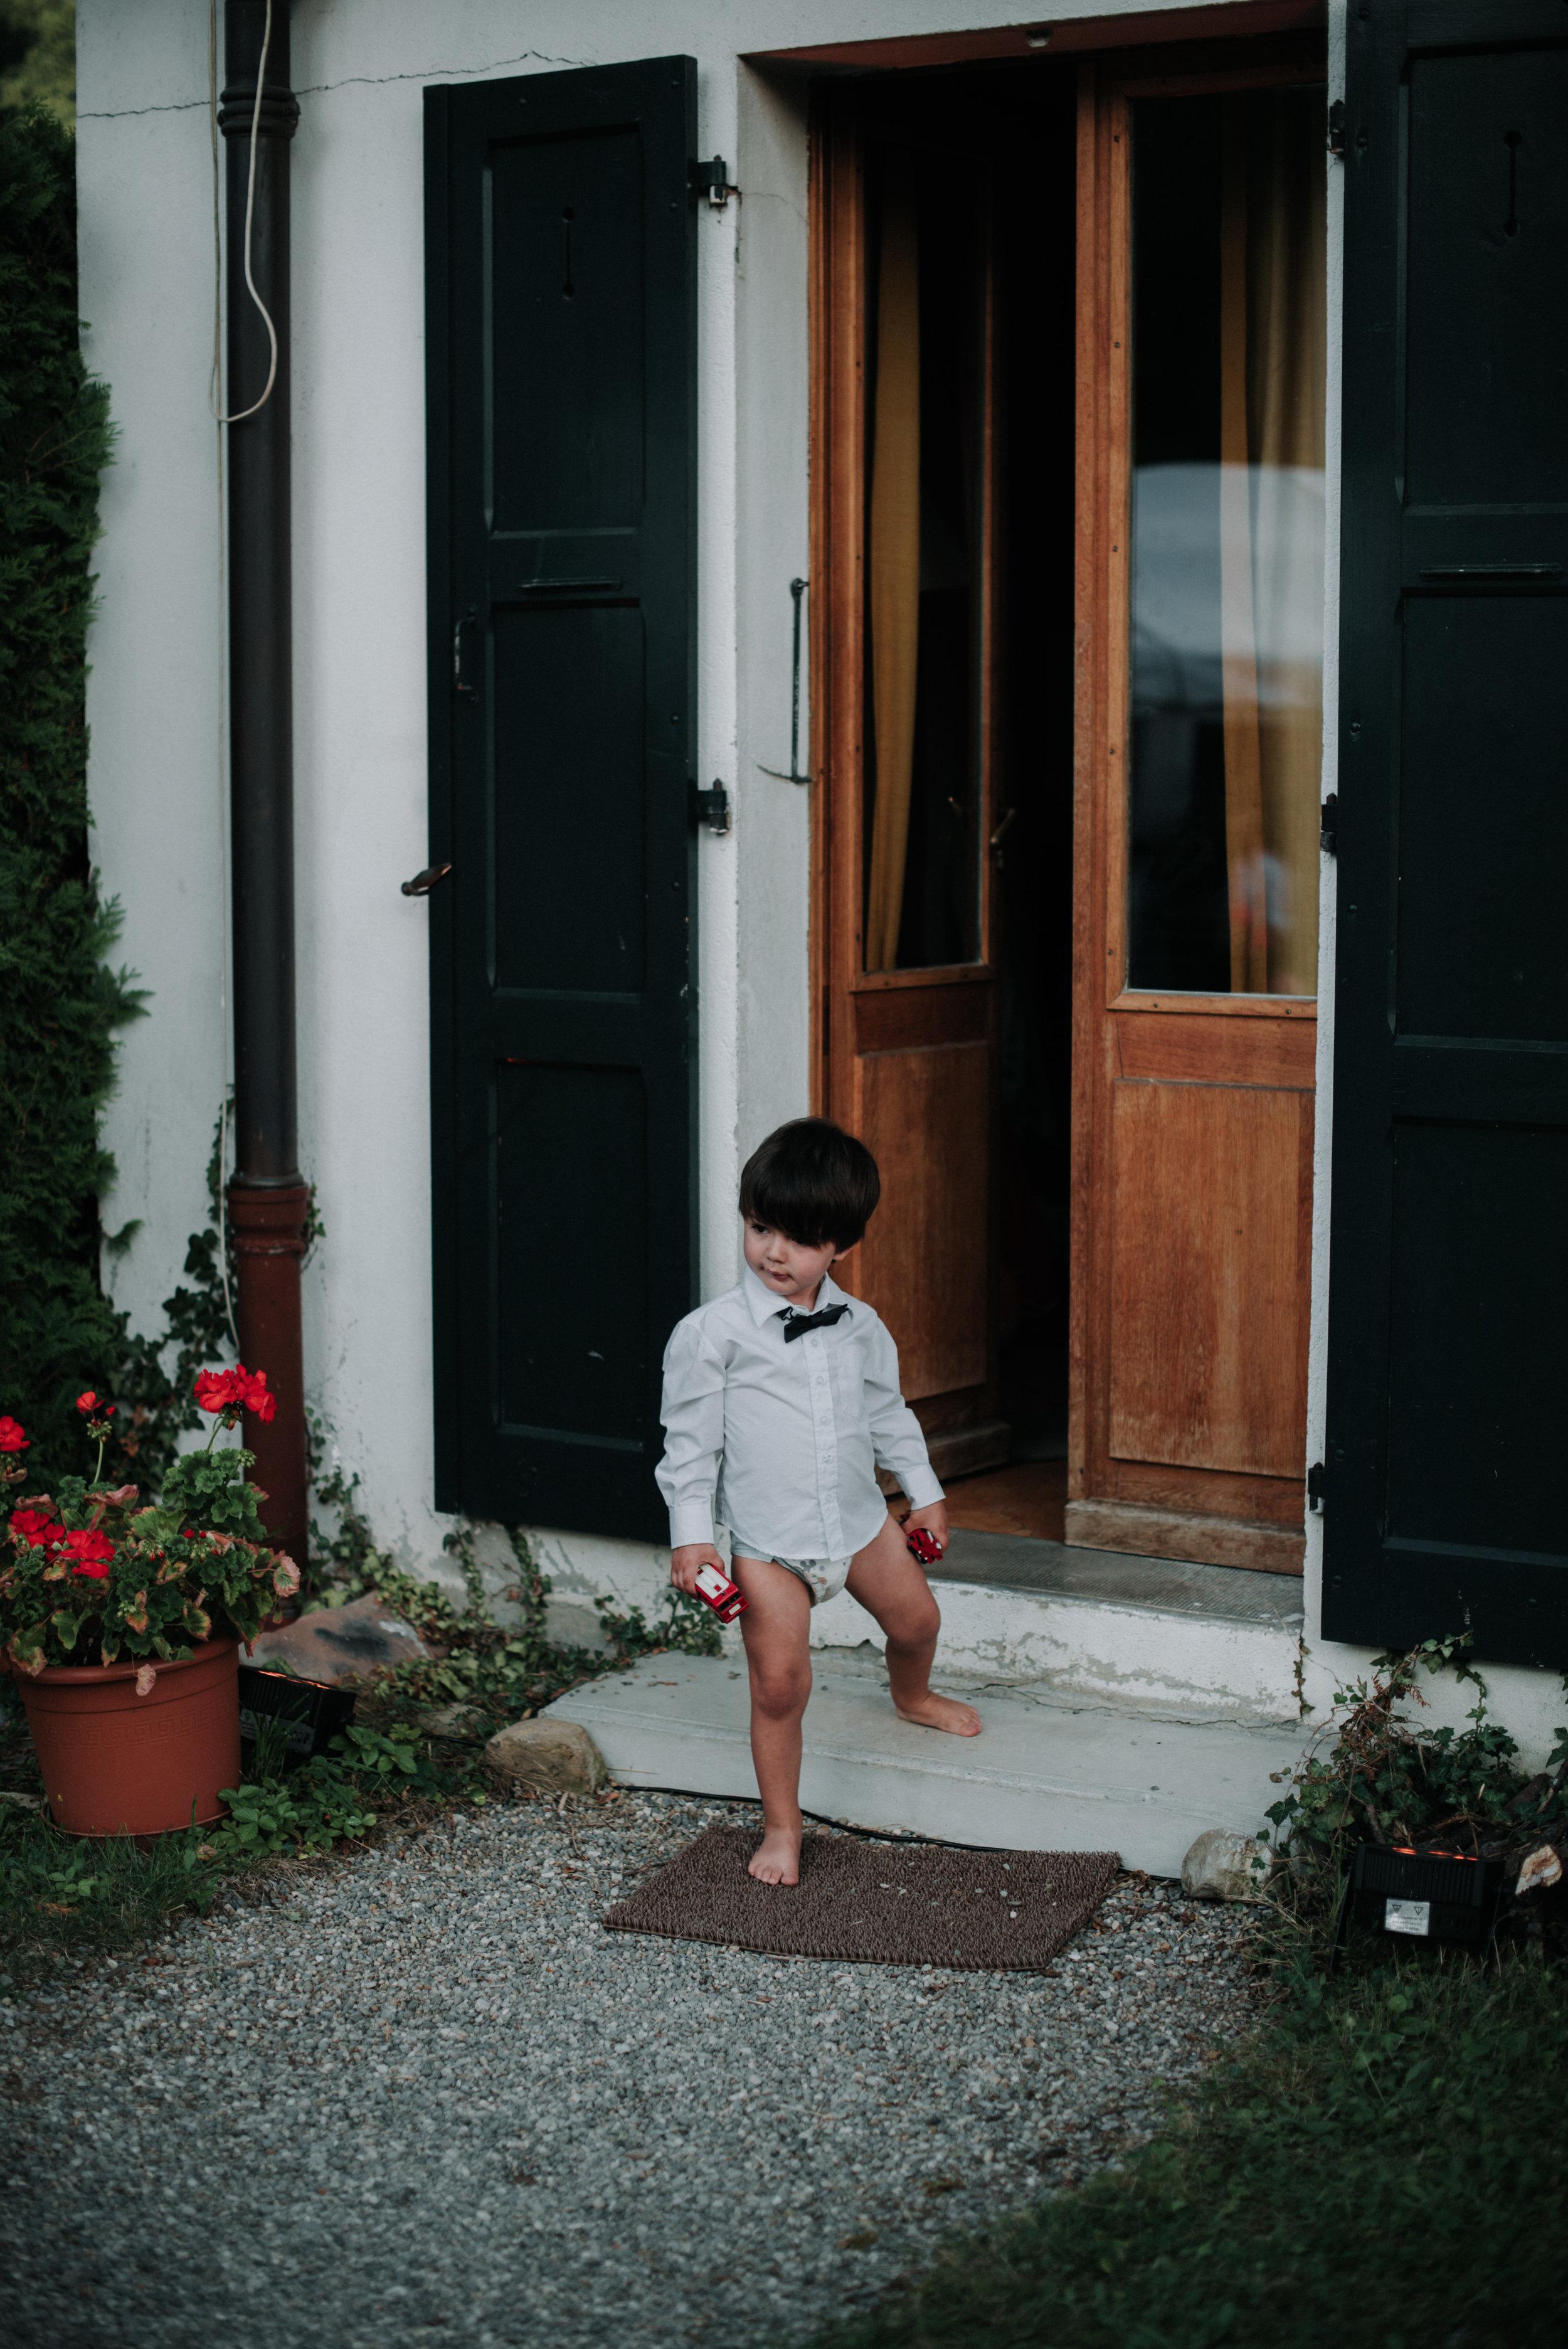 Léa-Fery-photographe-professionnel-lyon-rhone-alpes-portrait-creation-mariage-evenement-evenementiel-famille-1377.jpg